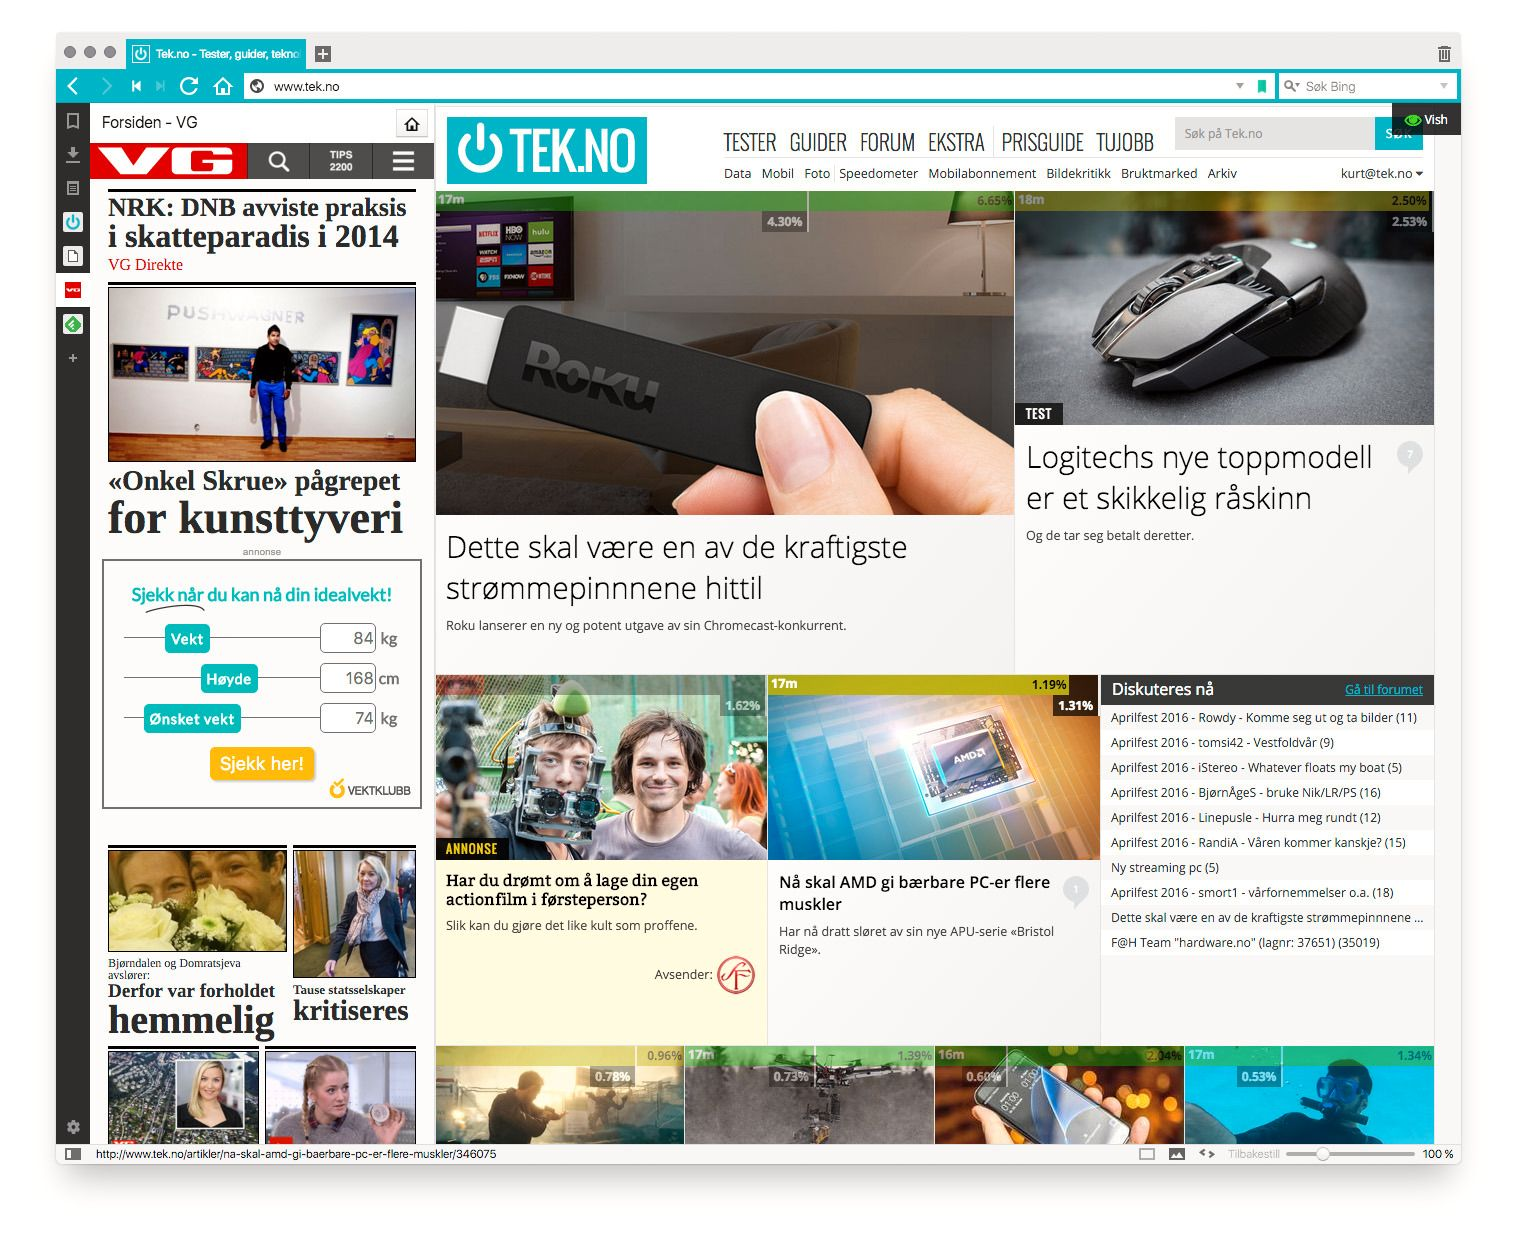 Fargetemaet endres etter hvilken nettside du har oppe. TIl venstre ses et web-panel, denne gangen med VG oppe.